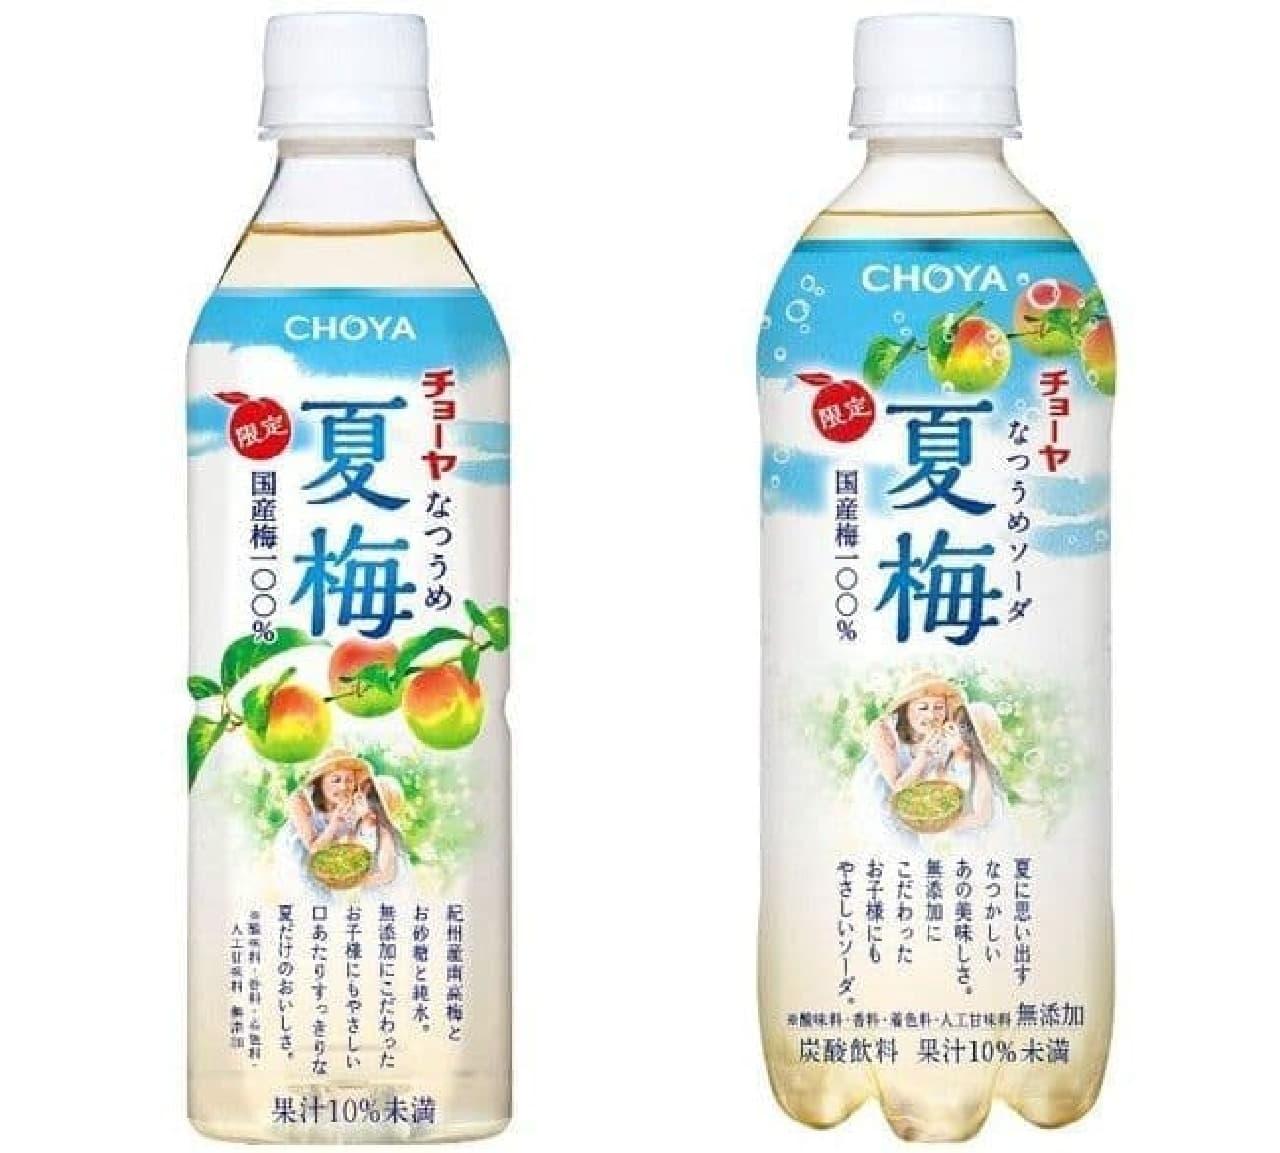 チョーヤ梅酒「CHOYA 夏梅」「CHOYA 夏梅ソーダ」